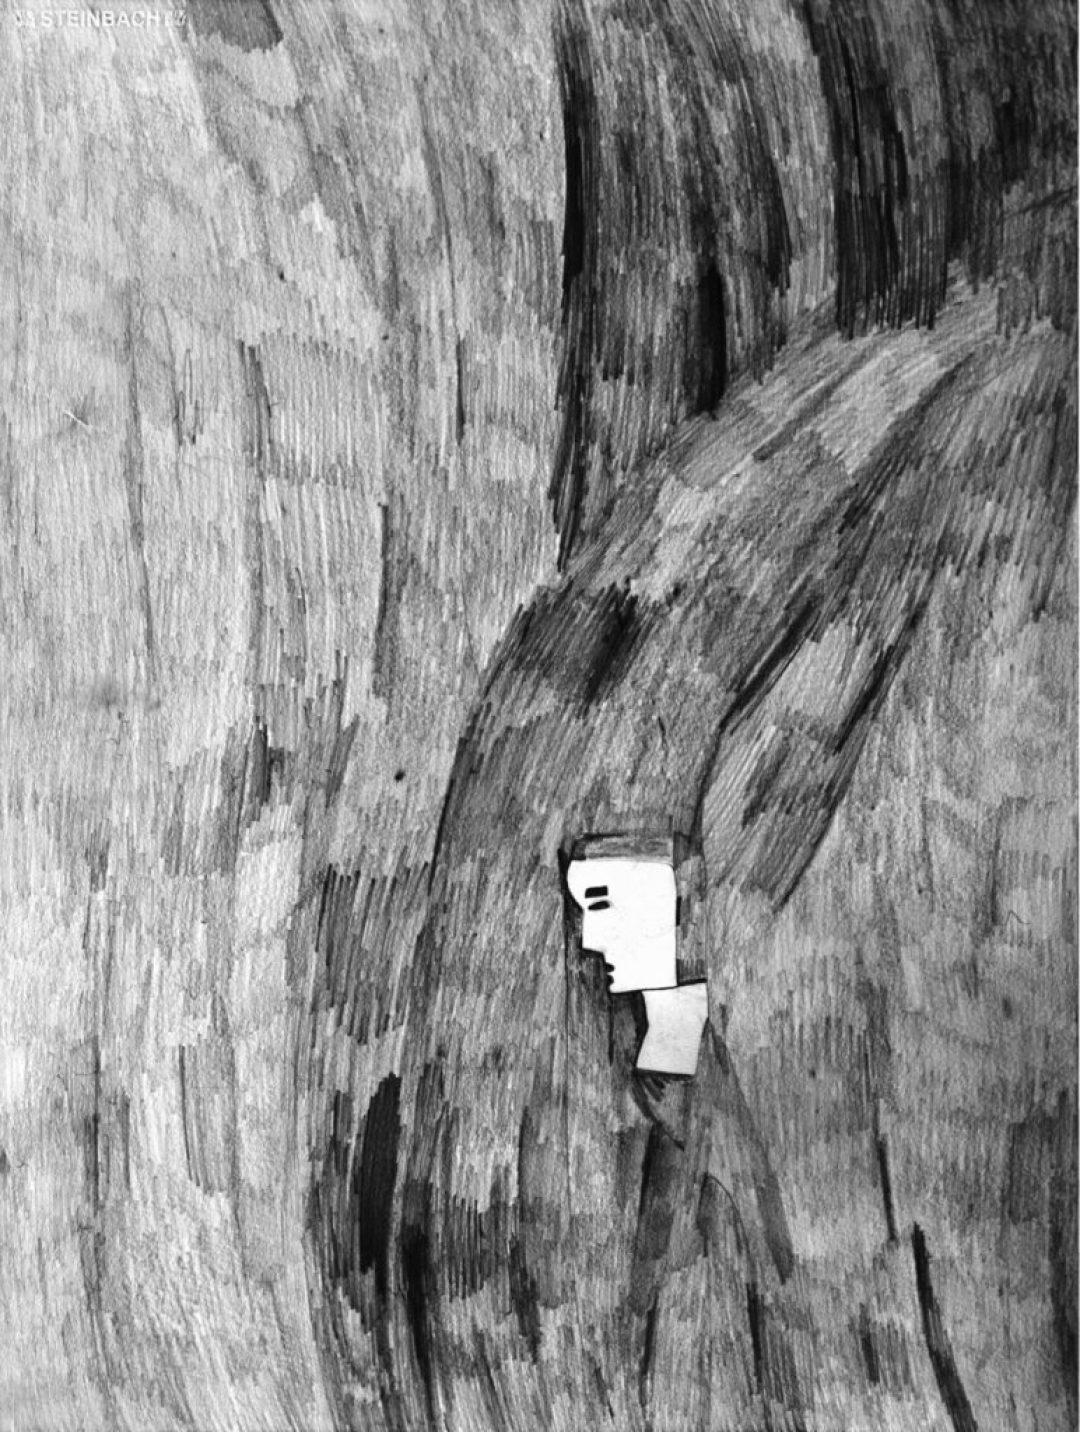 Alexis Lippstreu, Sans titre, 2005, crayons gris sur papier, 73 x 55 cm